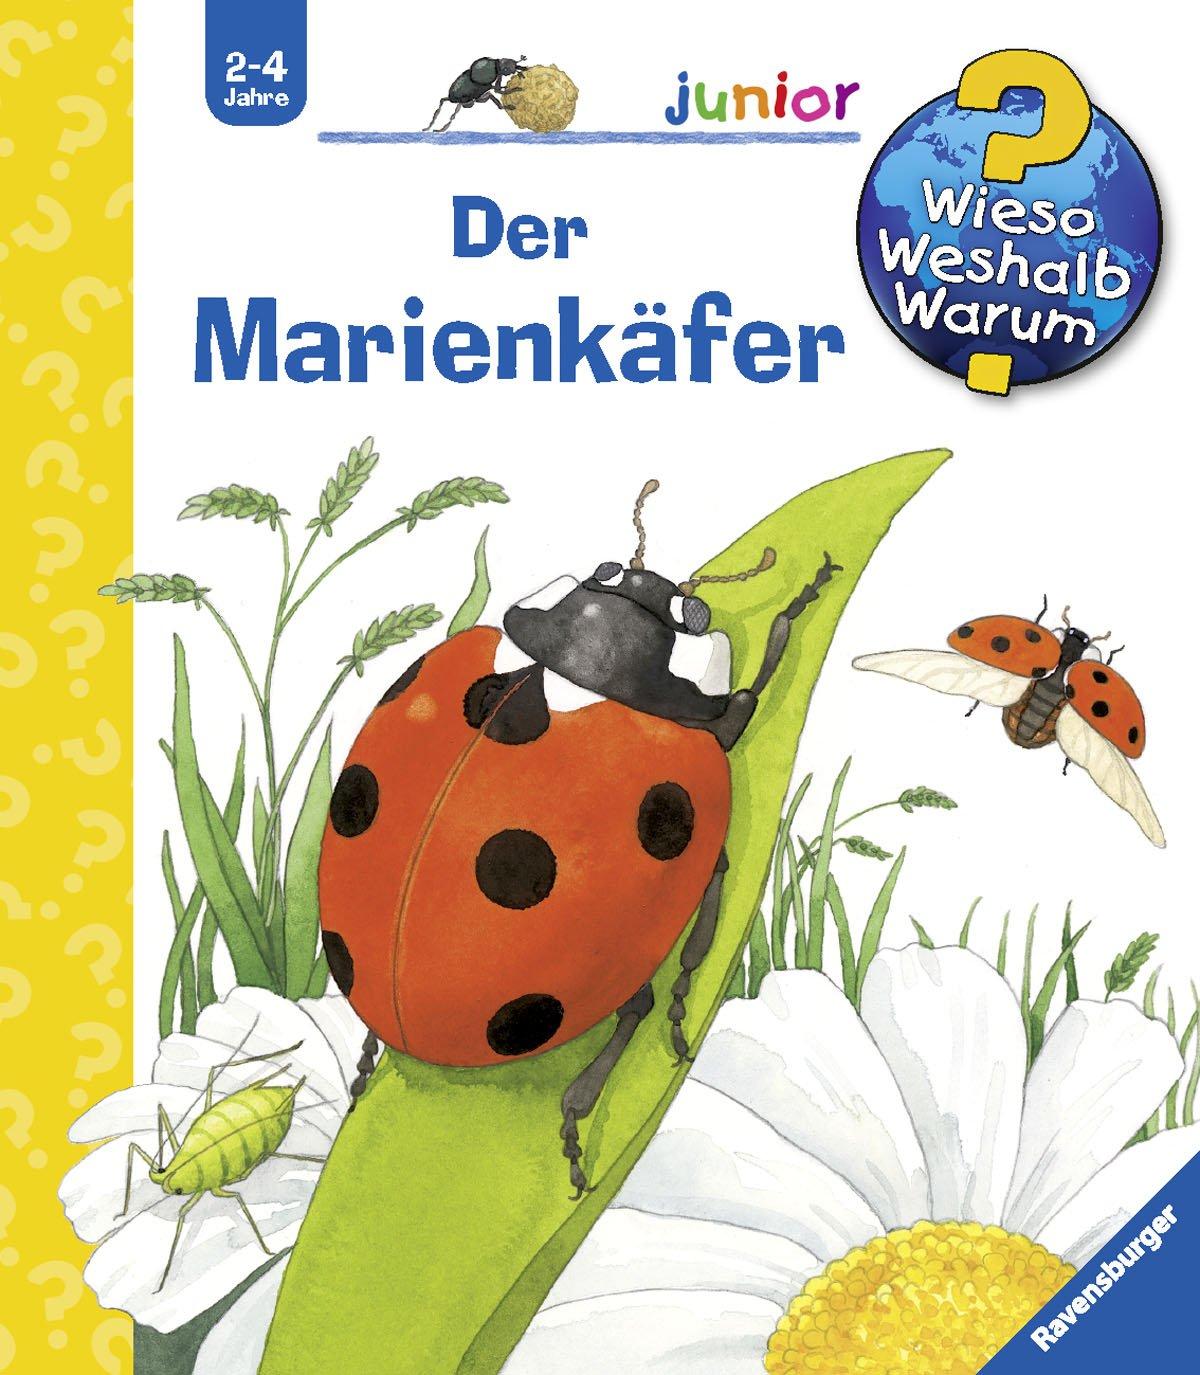 Der Marienkäfer (Wieso? Weshalb? Warum? junior, Band 19)